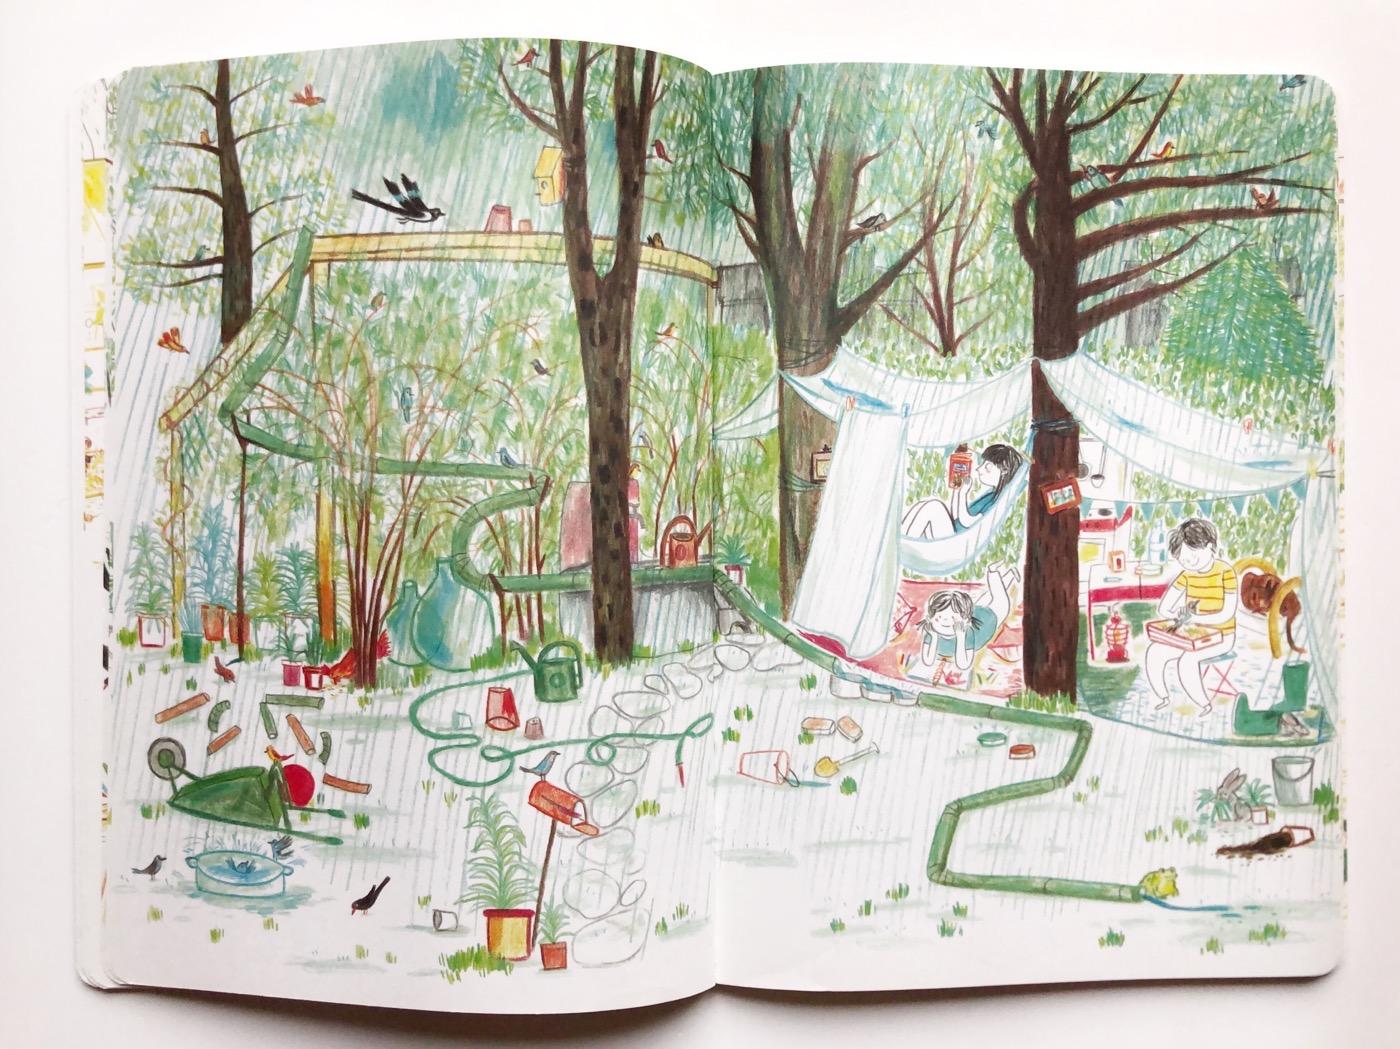 nel-mio-giardino-il-mondo-irene-penazzi-terre-di-mezzo-editore